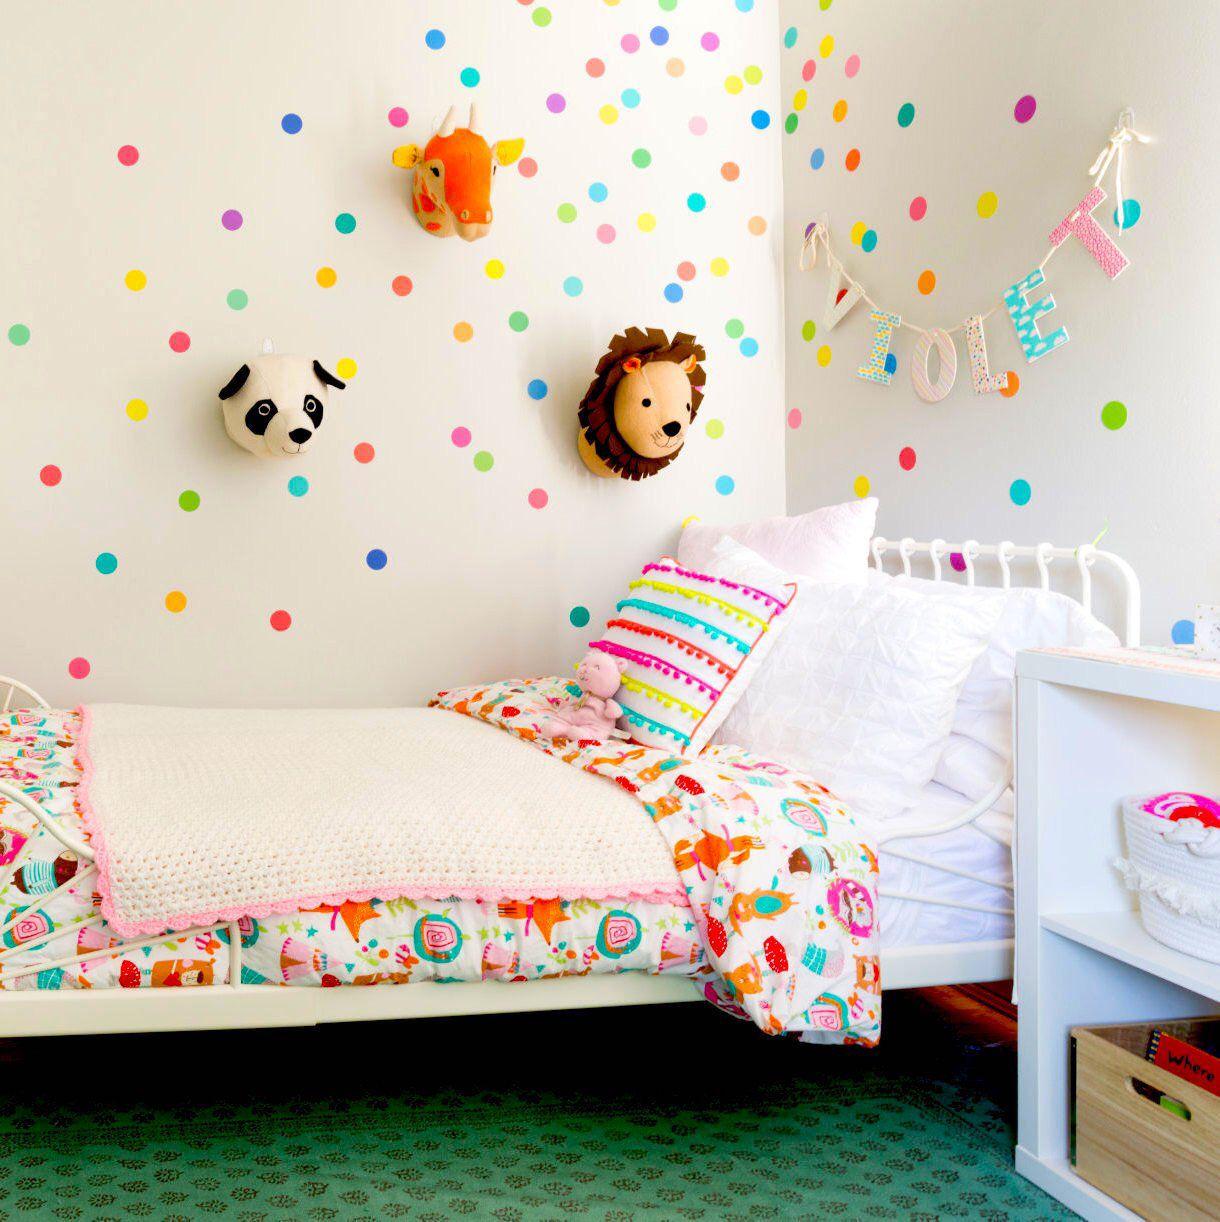 Dot Wall Decals 121 Mini Rainbow Dot Decals Confetti Polka Dot